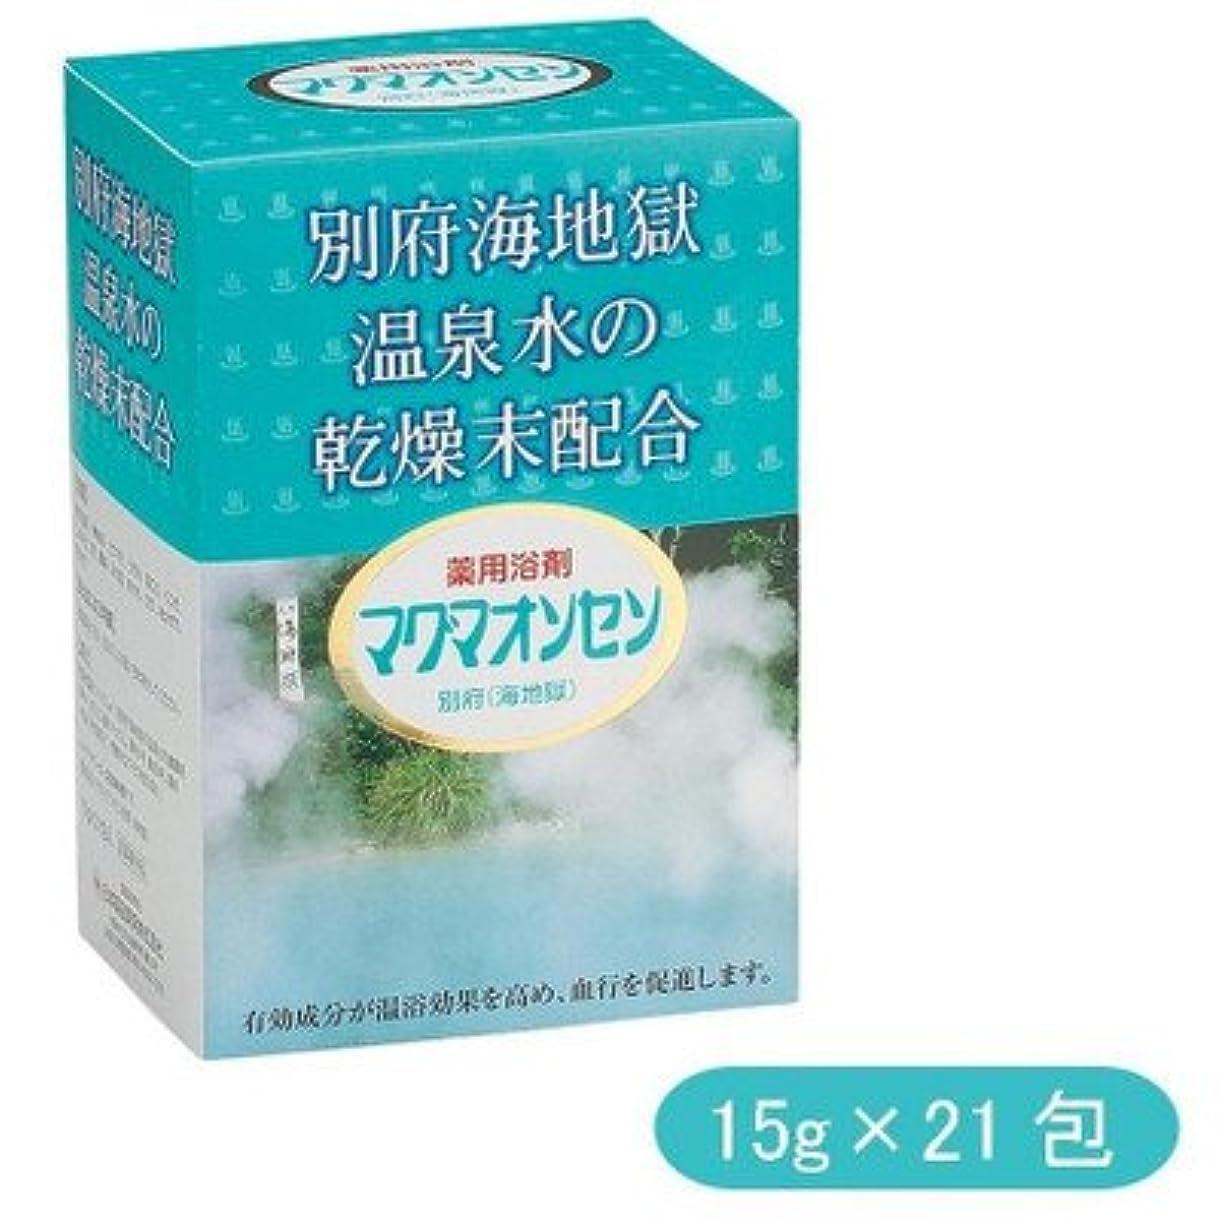 に沿ってクリープ追放日本薬品開発 医薬部外品 薬用入浴剤 マグマオンセン 15g×21P 800770